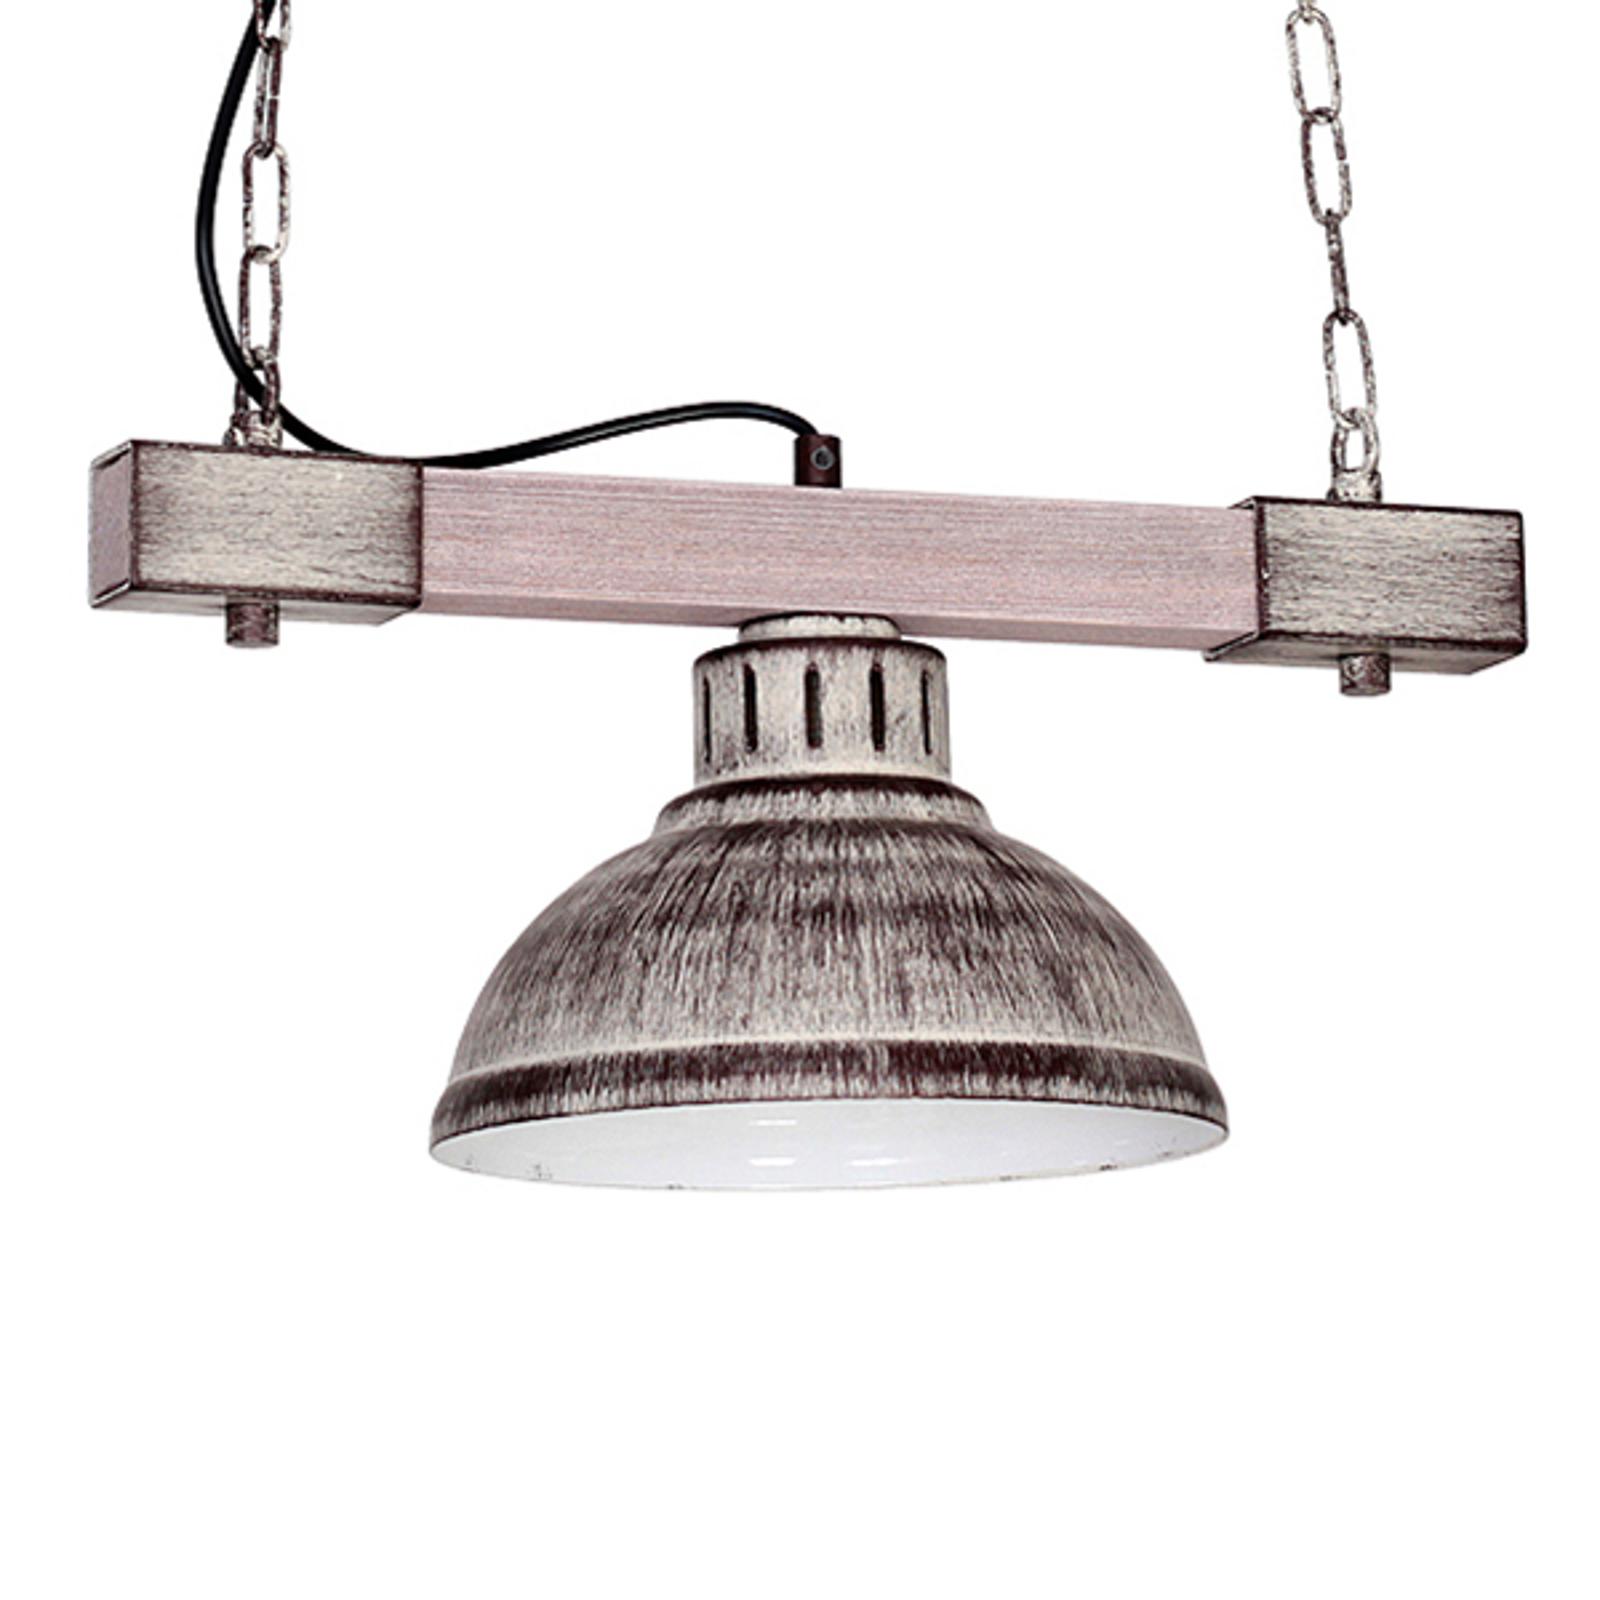 Lampa wisząca Hakon 1-pkt. żelazo/jasne drewno